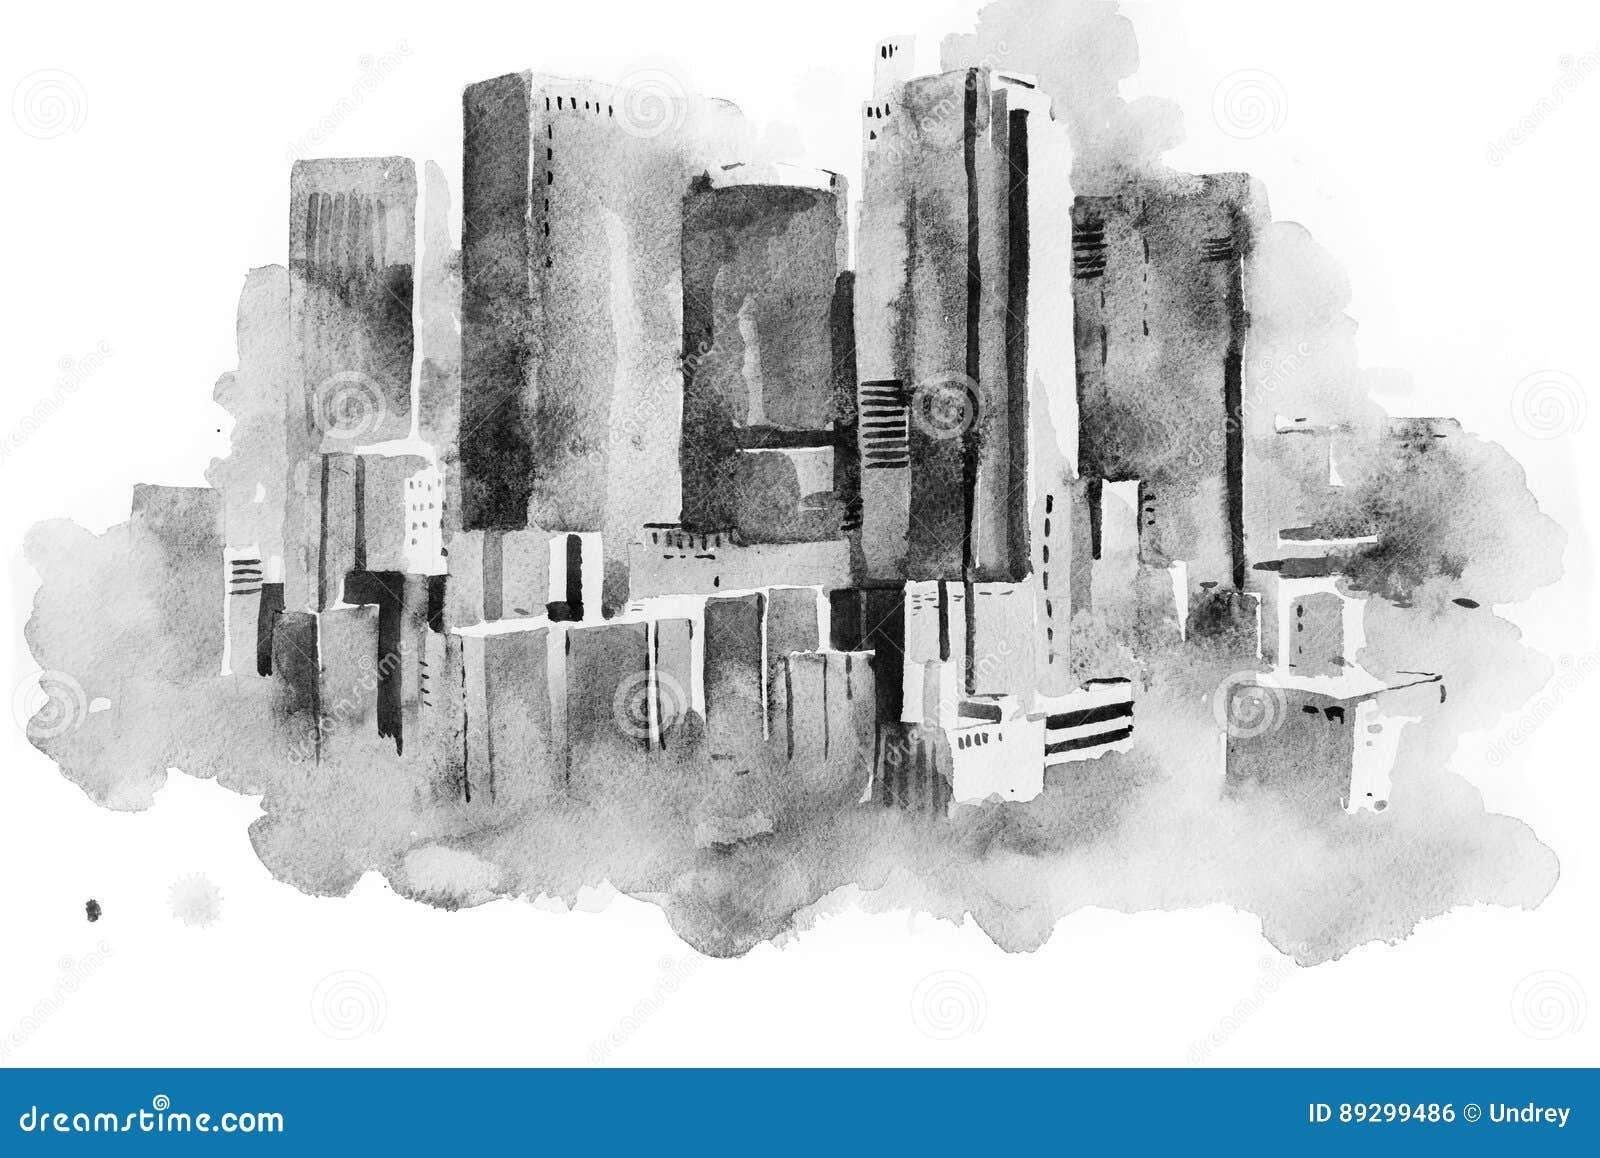 Ciudad grande céntrica, pintura del paisaje urbano del dibujo de la acuarela de la acuarela